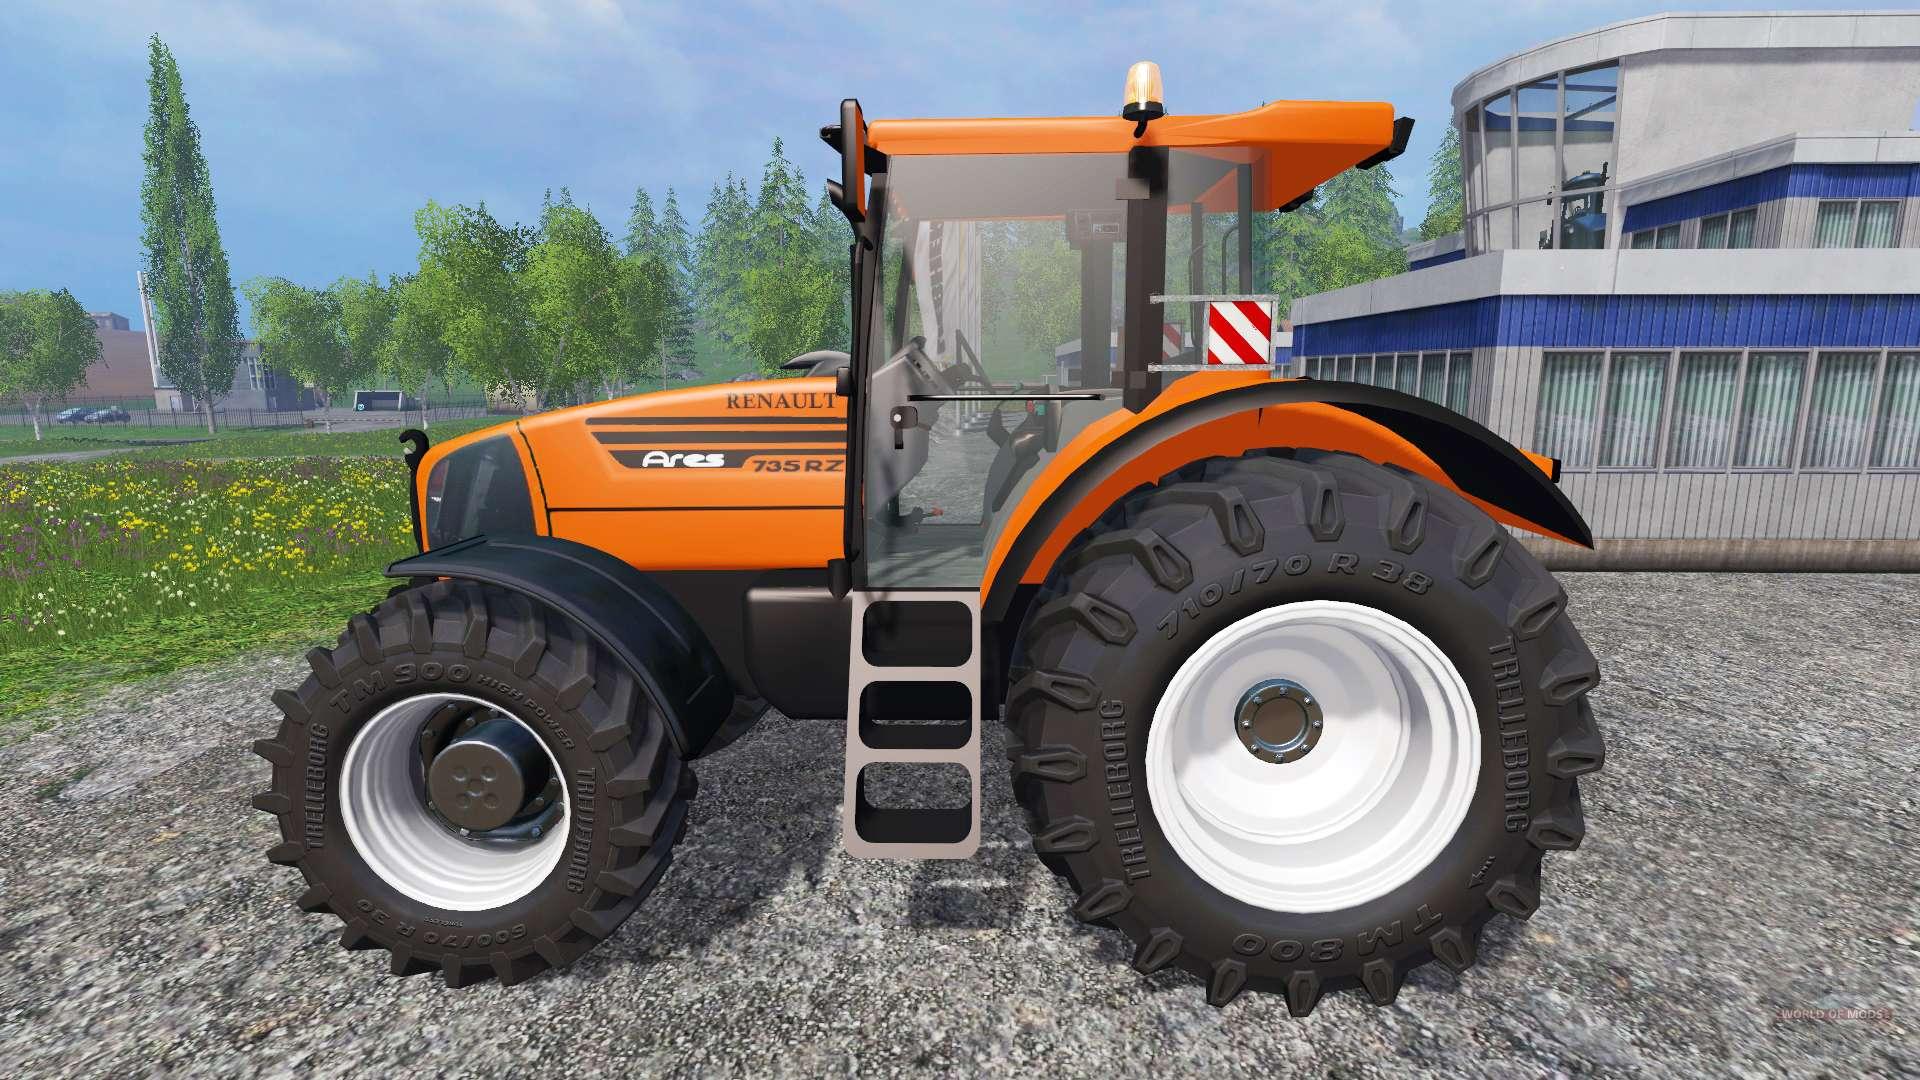 Ares 735 rz for farming simulator 2015